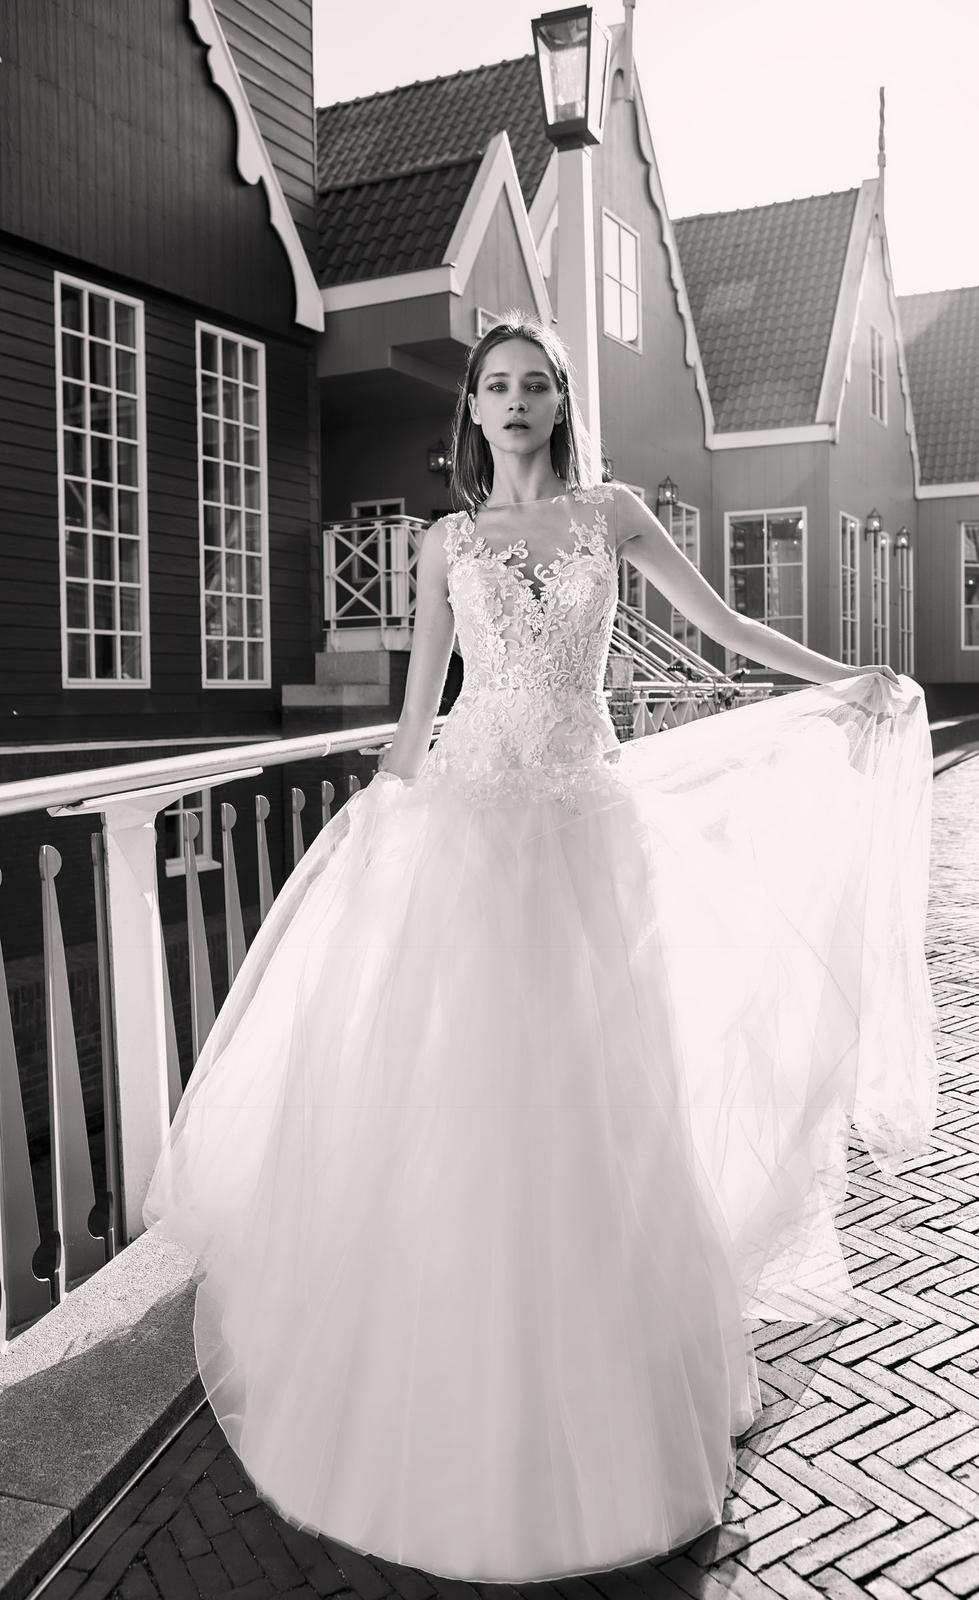 Milé nevěsty, kolekce Modeca 2018 na Vás již čeká! - Obrázek č. 3